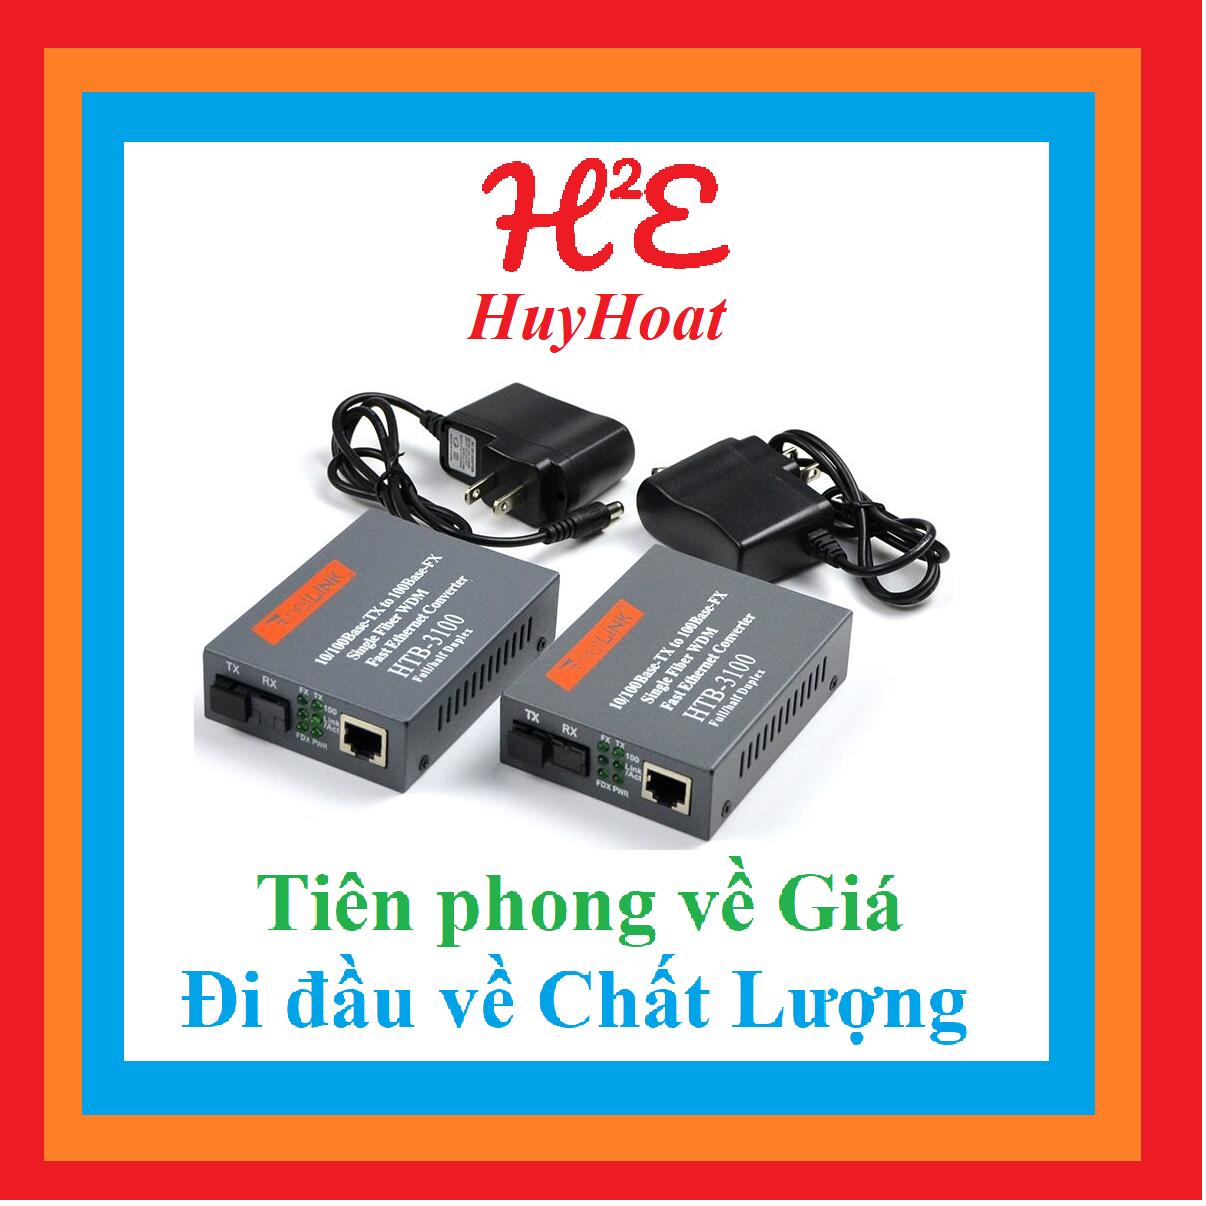 Bộ Chuyển Đổi Quang Netlink HTB 3100A và HTB 3100B